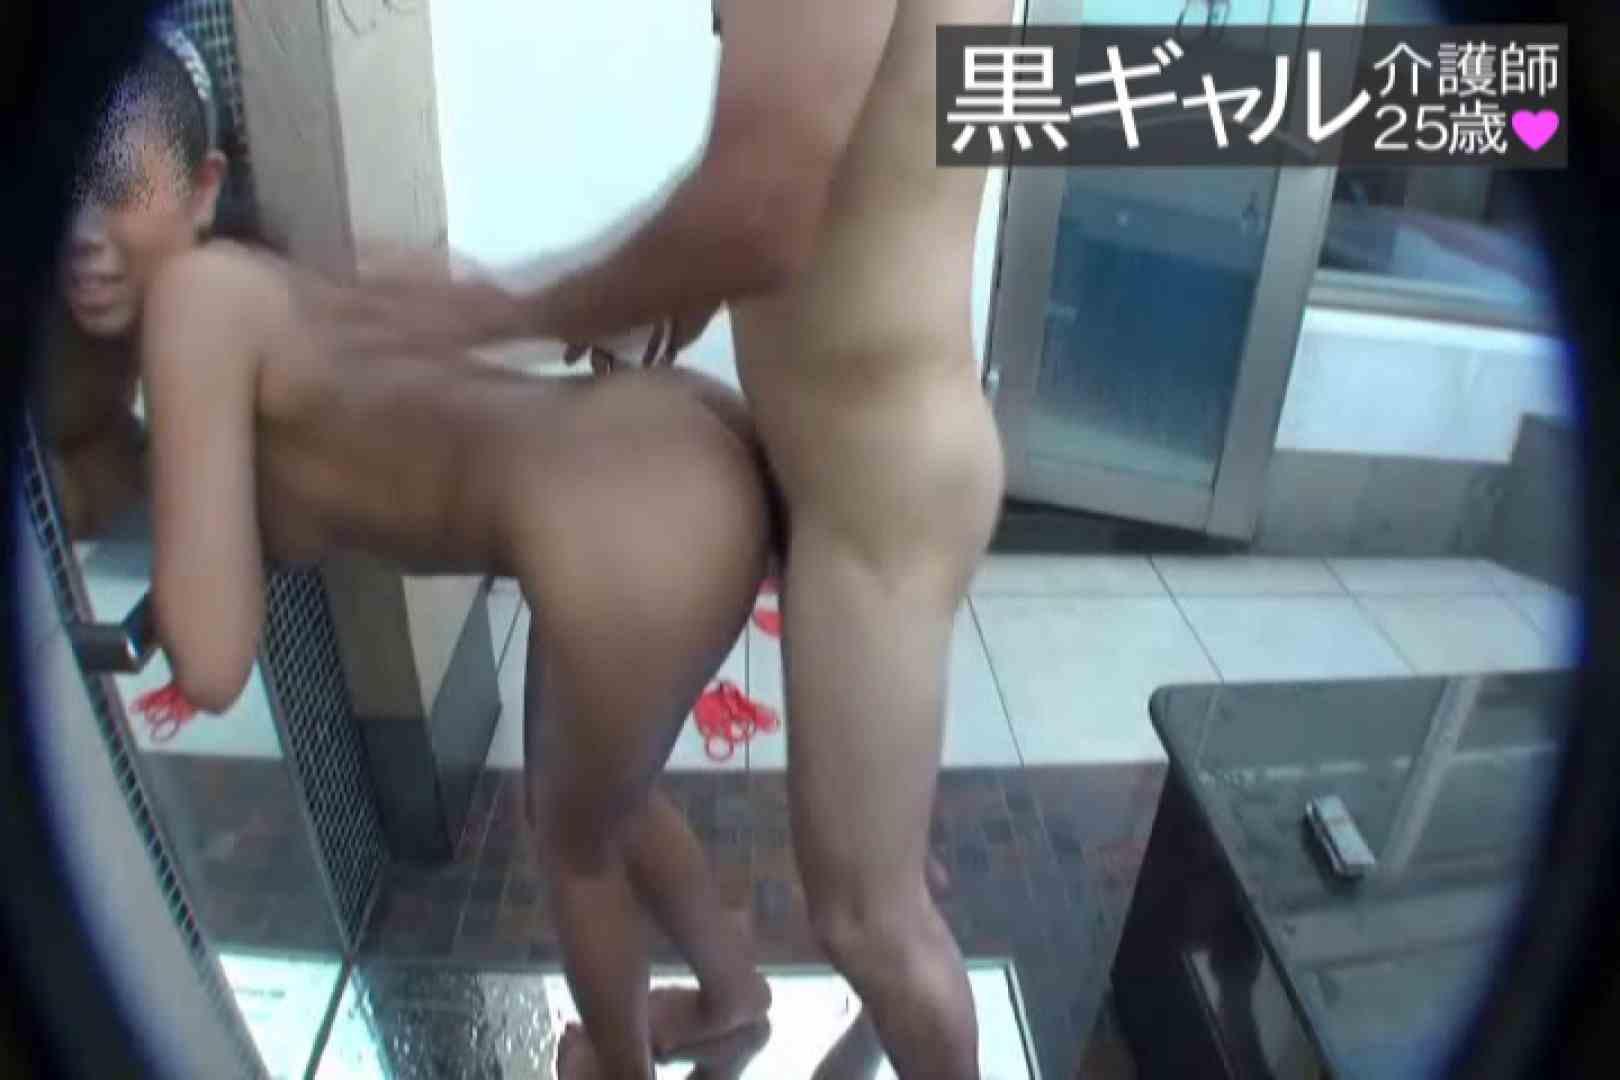 独占入手 従順M黒ギャル介護師25歳vol.6 ギャルのエロ動画 | 一般投稿  65pic 15